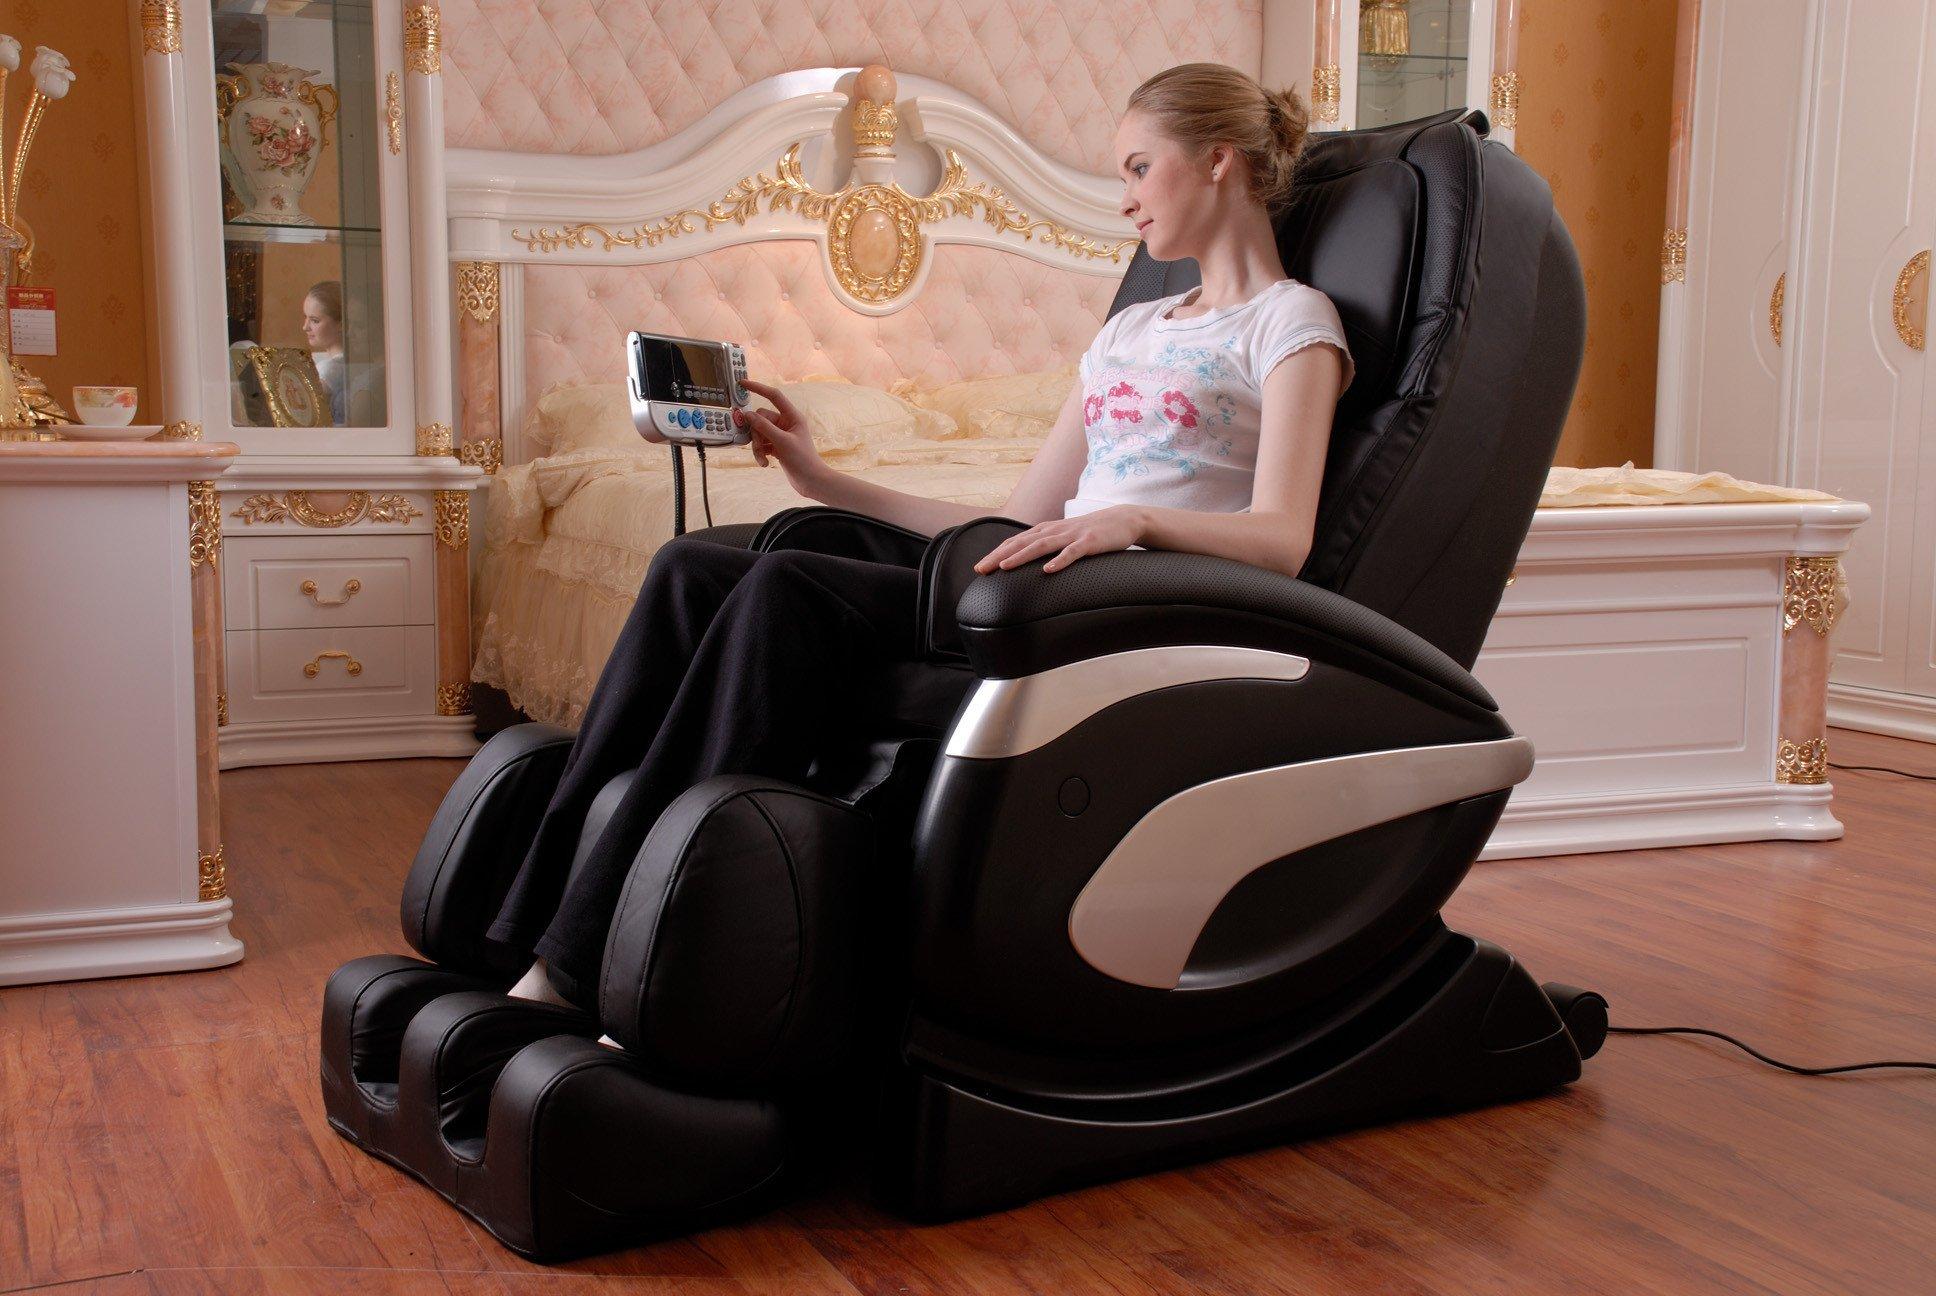 Blonde woman in fancy bedroom sitting in black massage chair